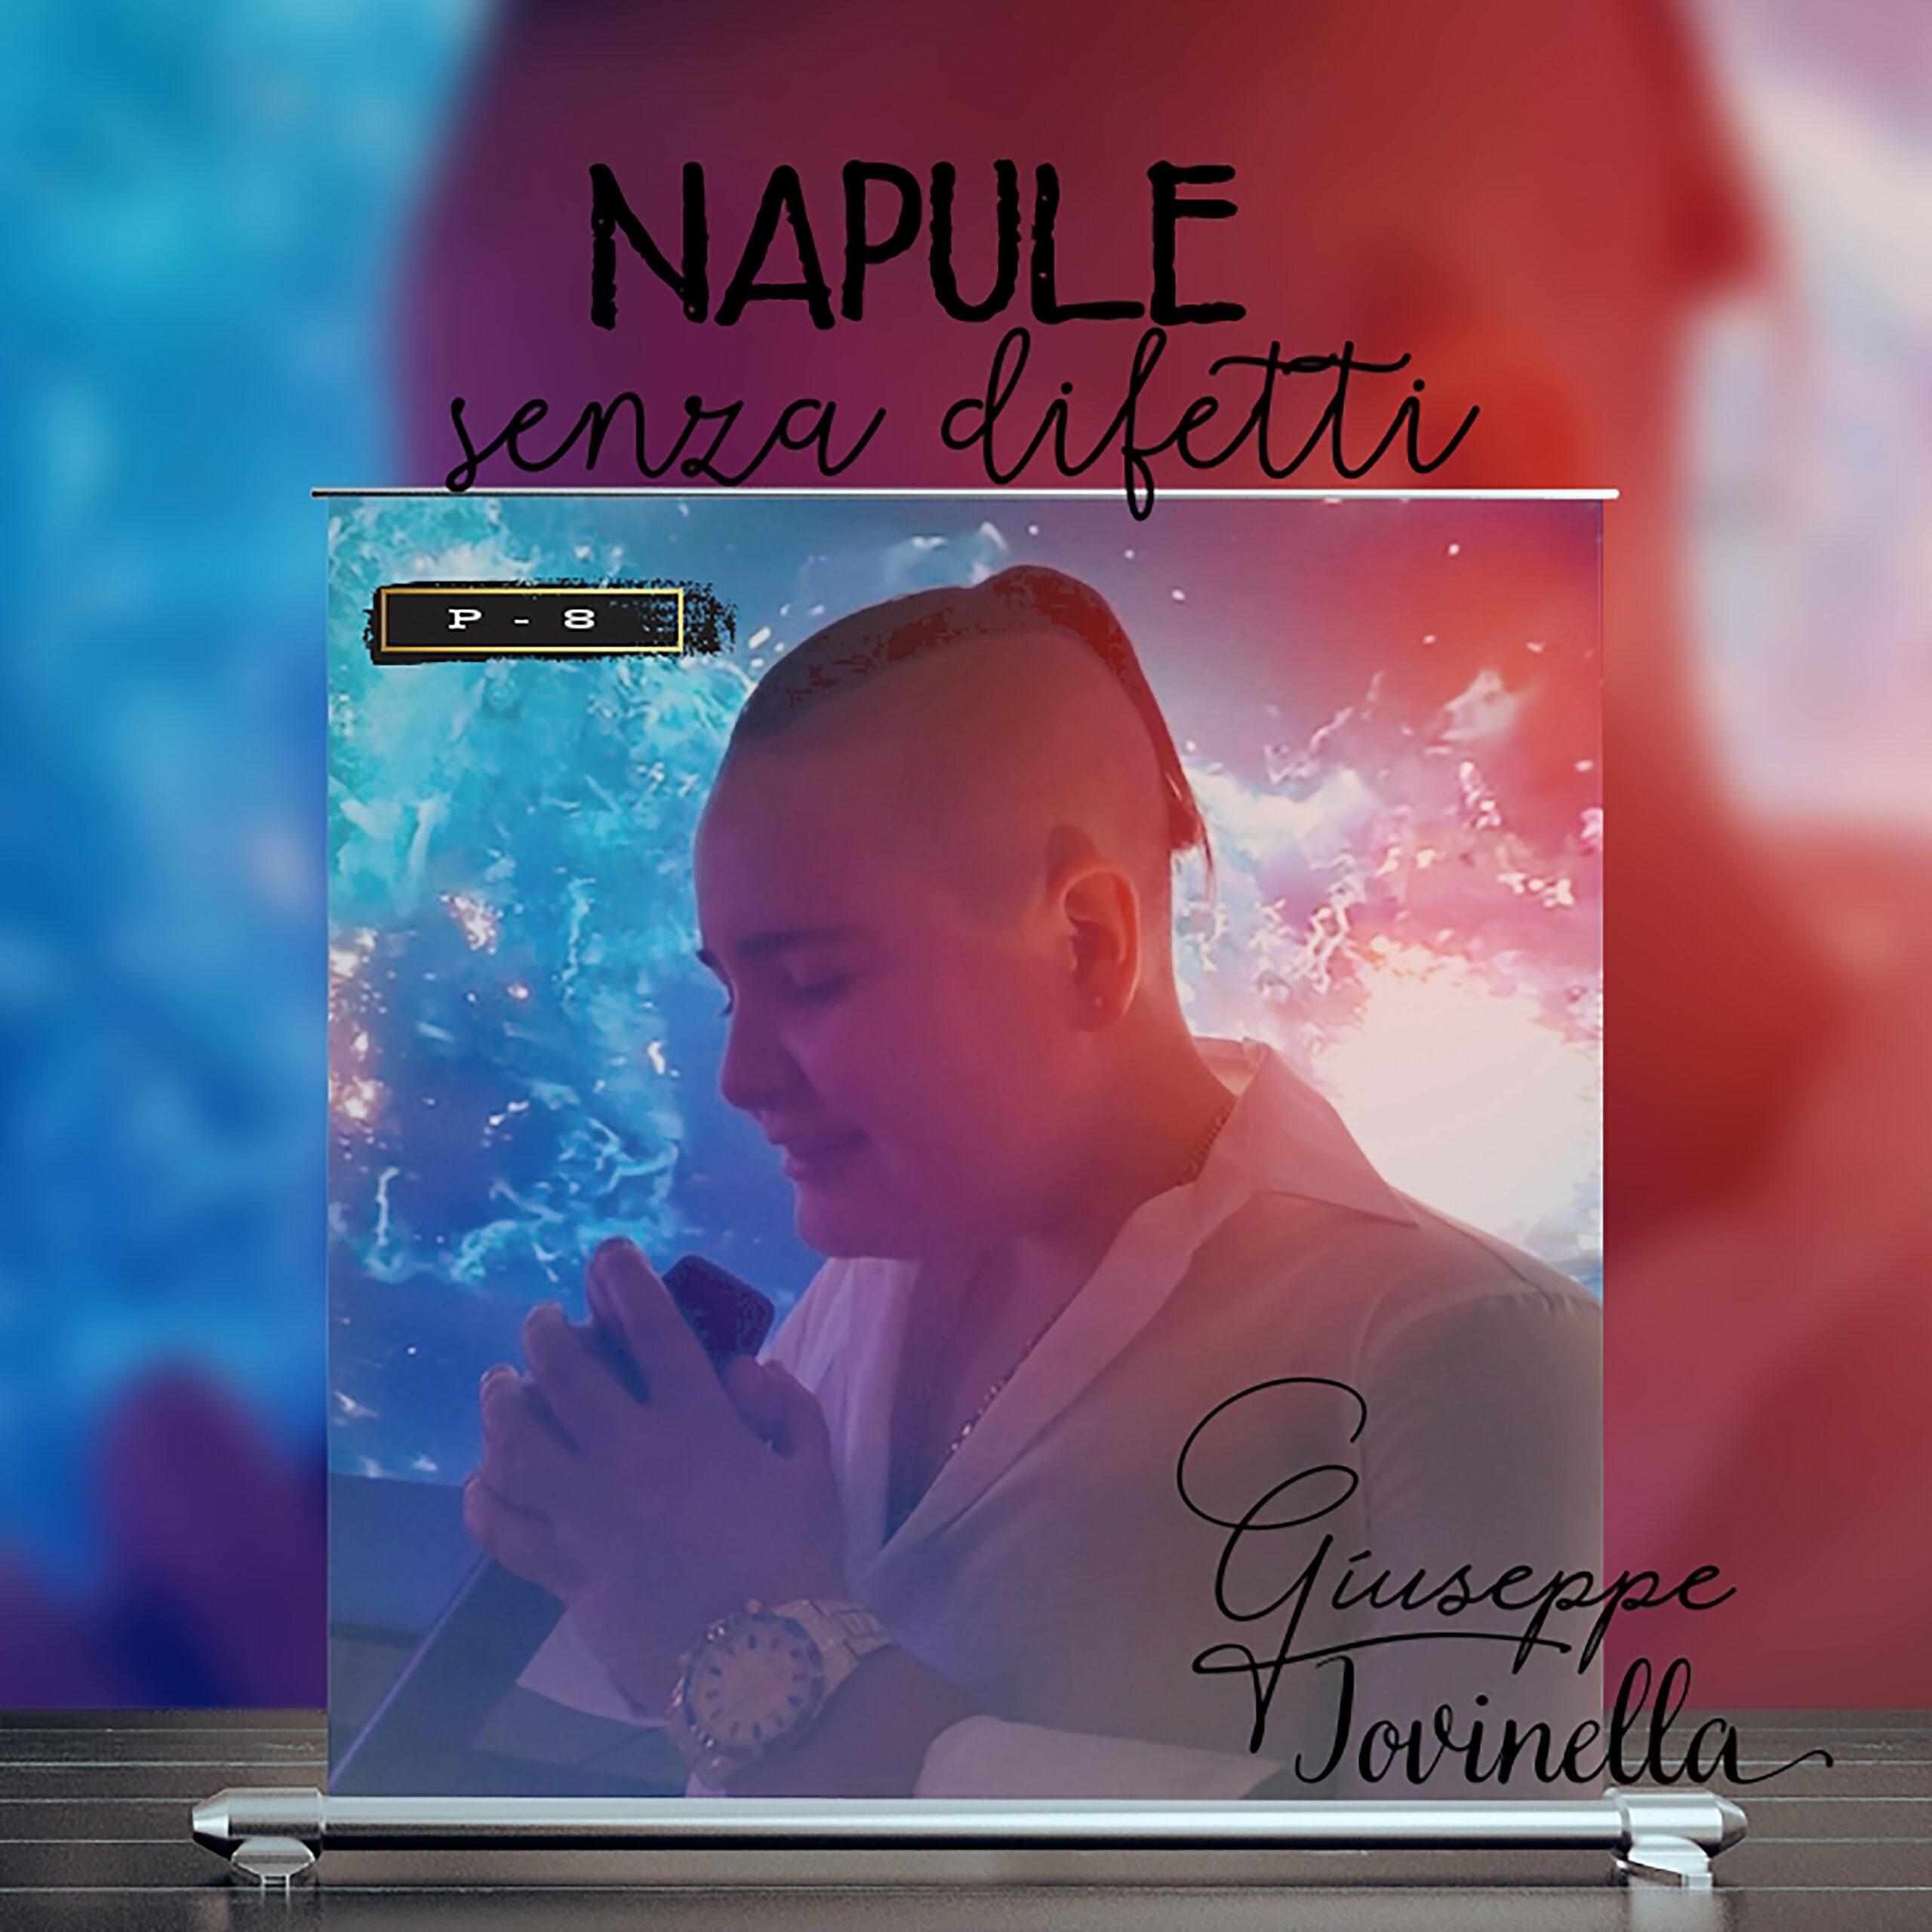 'Napule senza difetti', online il primo singolo di Giuseppe Pio Iovinella in arte P-8 GUARDA IL VIDEO